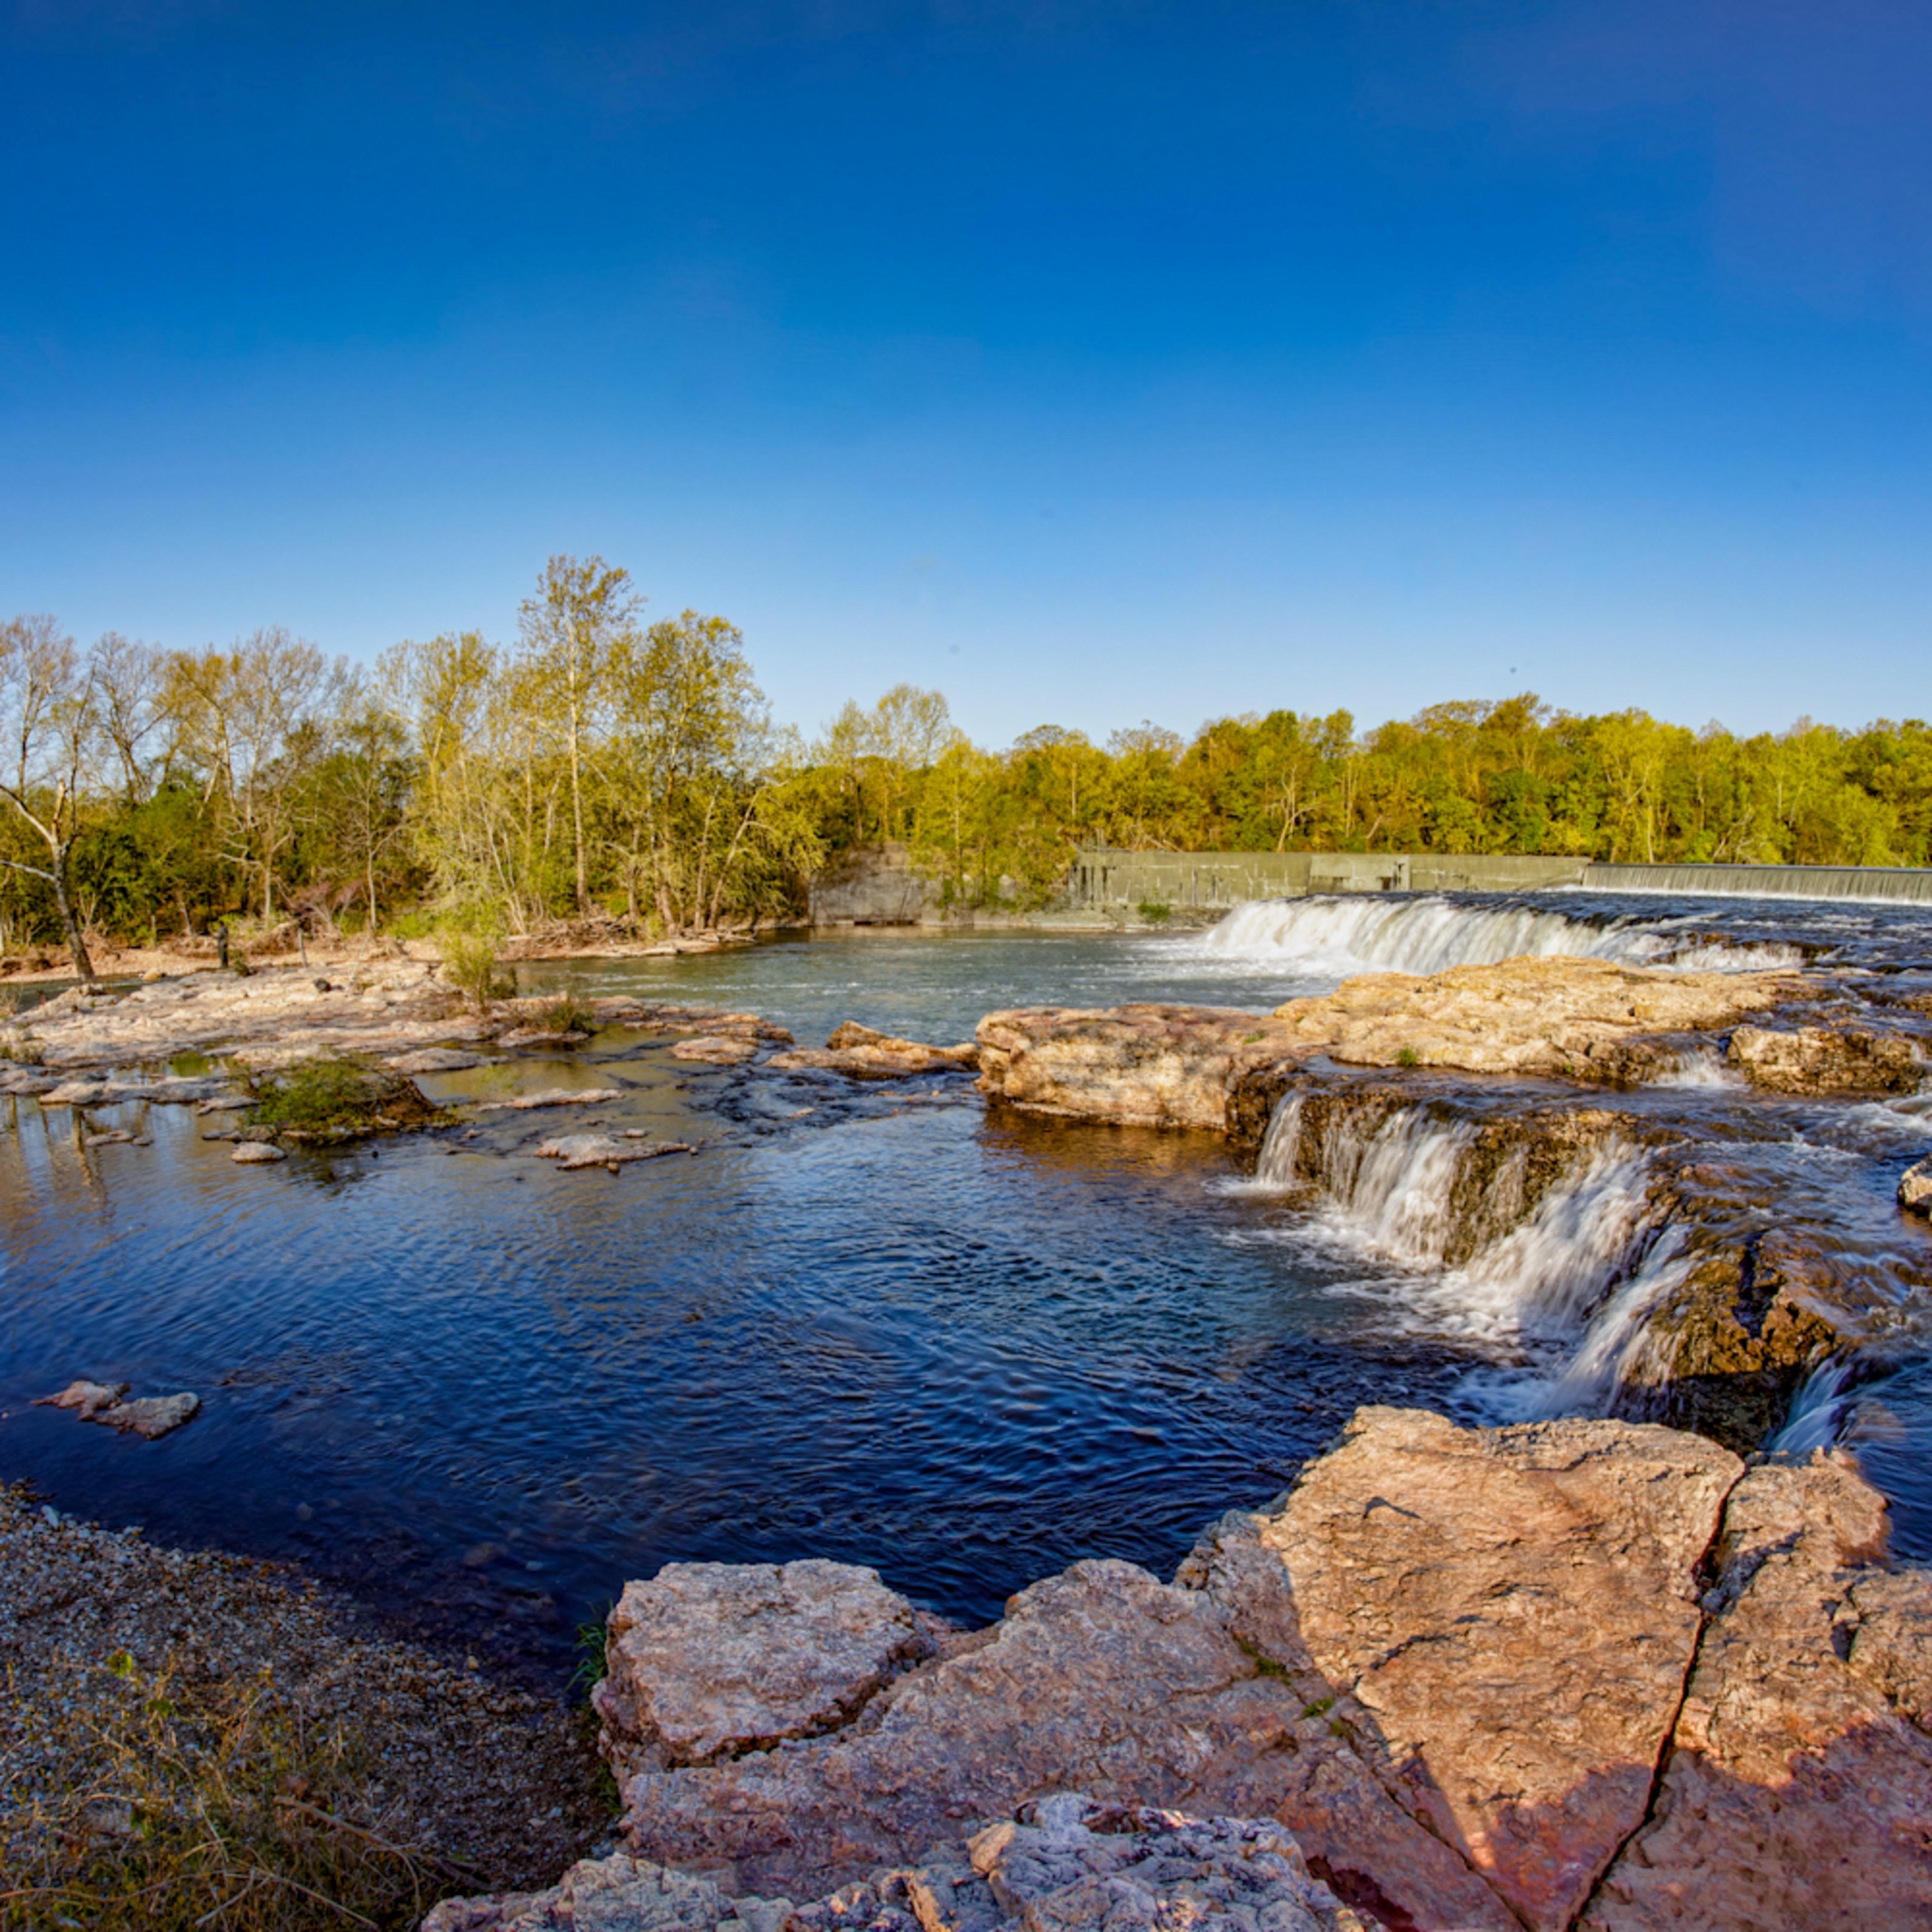 Grand falls dfe0 9533fs vvgmic